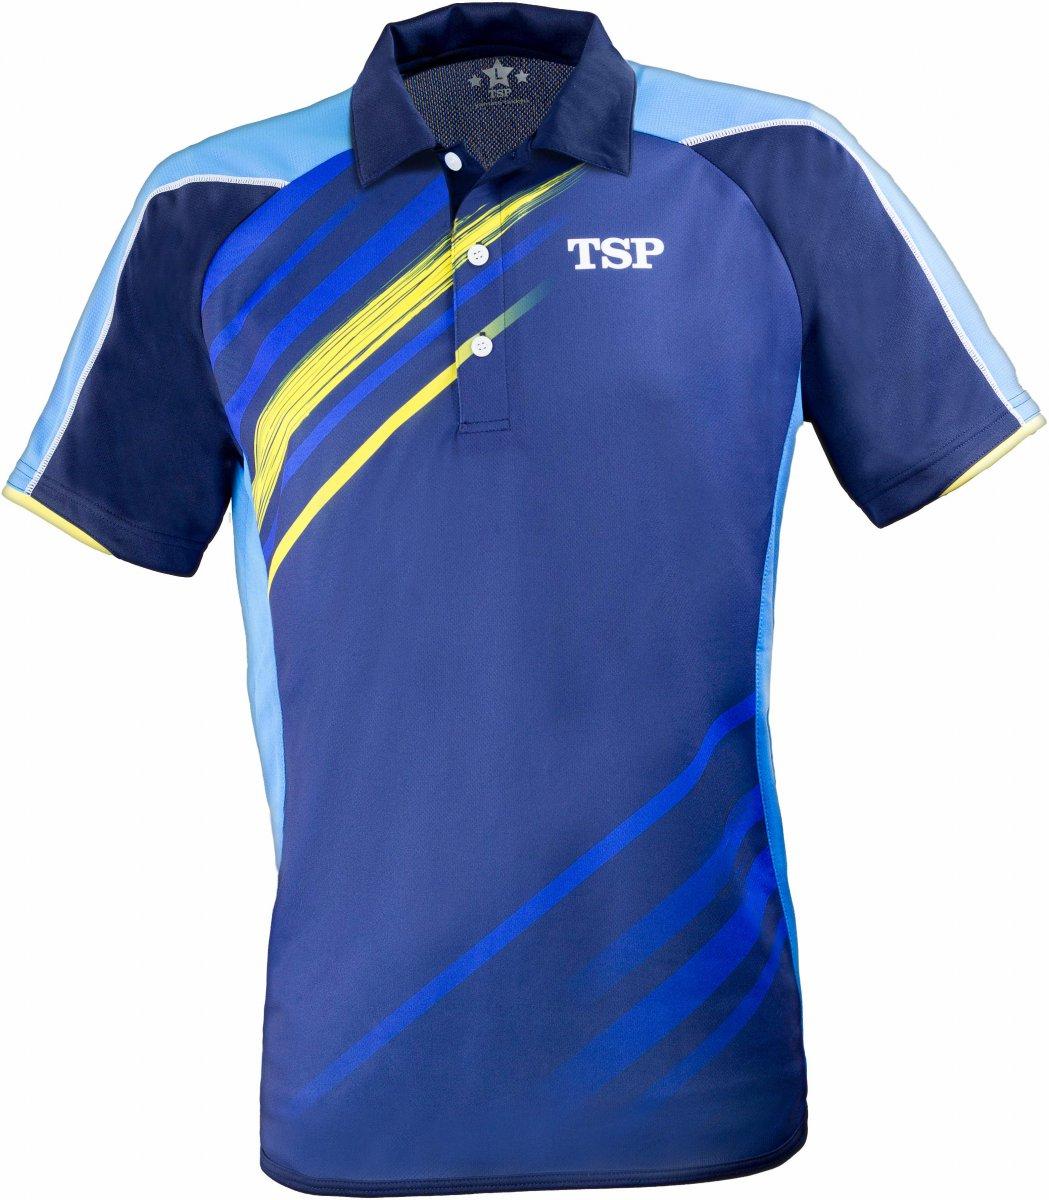 TSP Hemd Anero navy | Hemden | Bekleidung | Ausrüstung ...